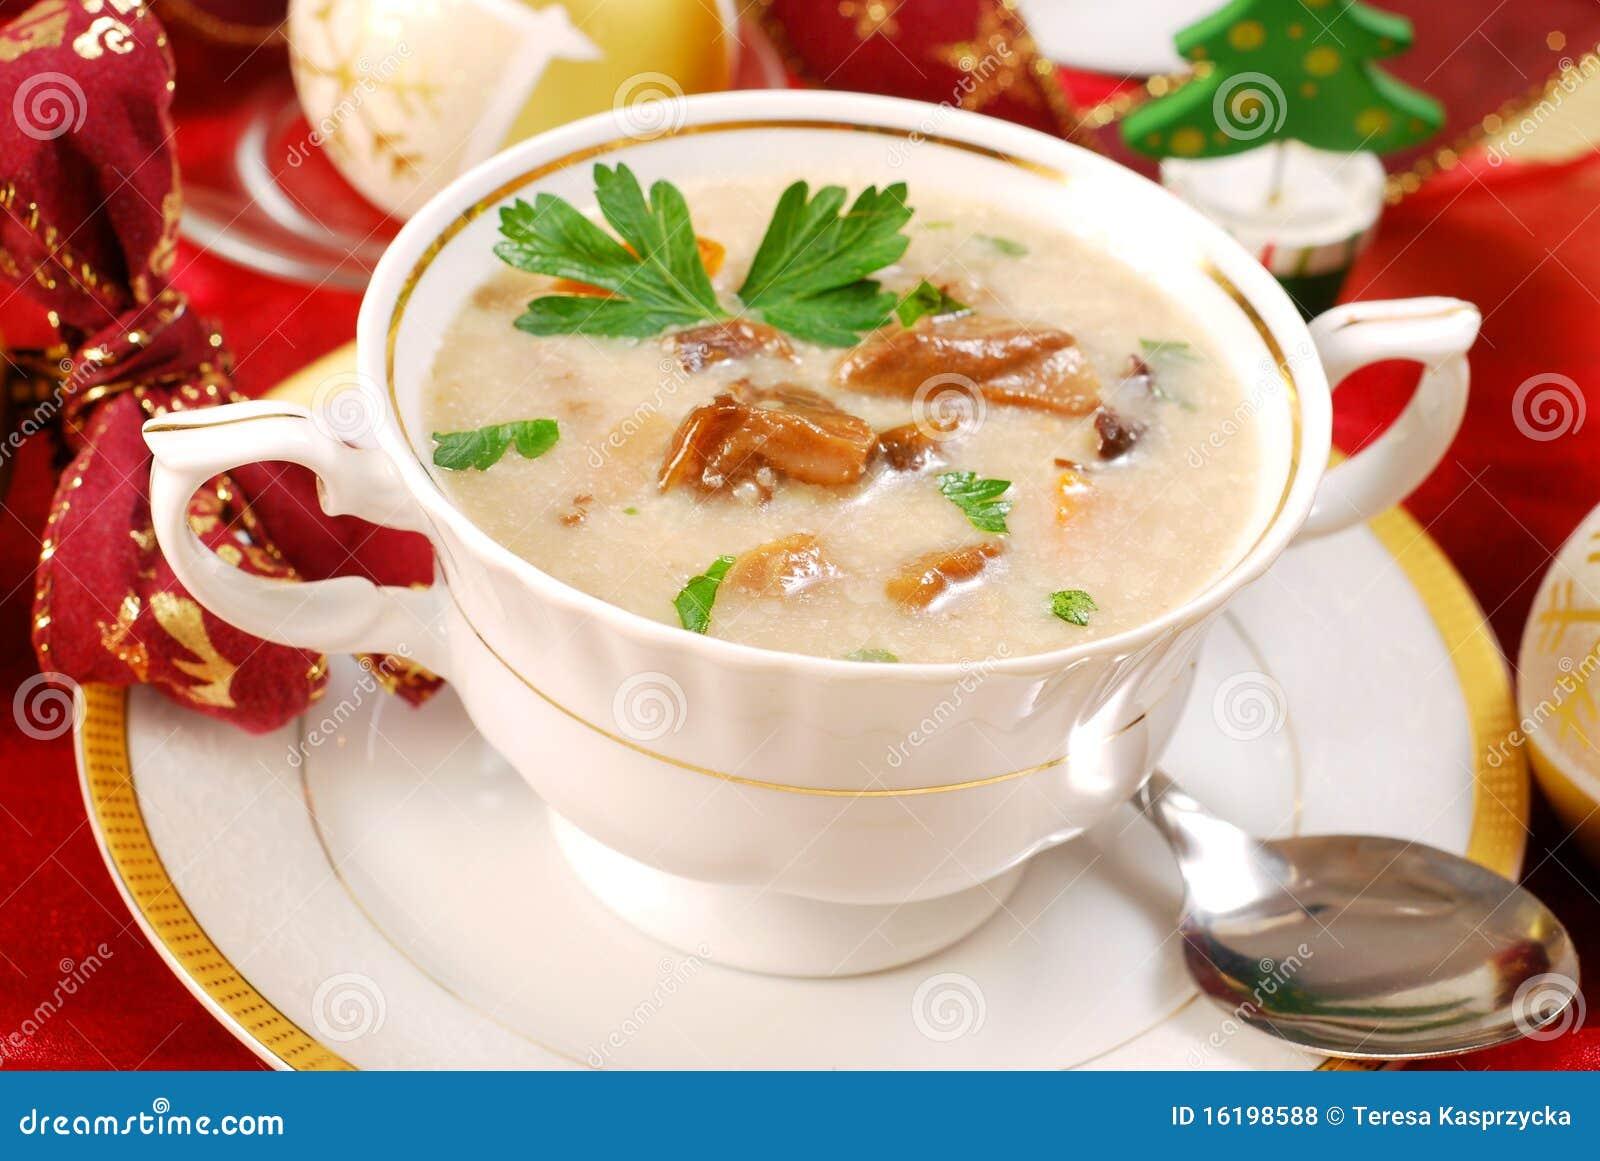 Zuppa di fungo con crema per natale